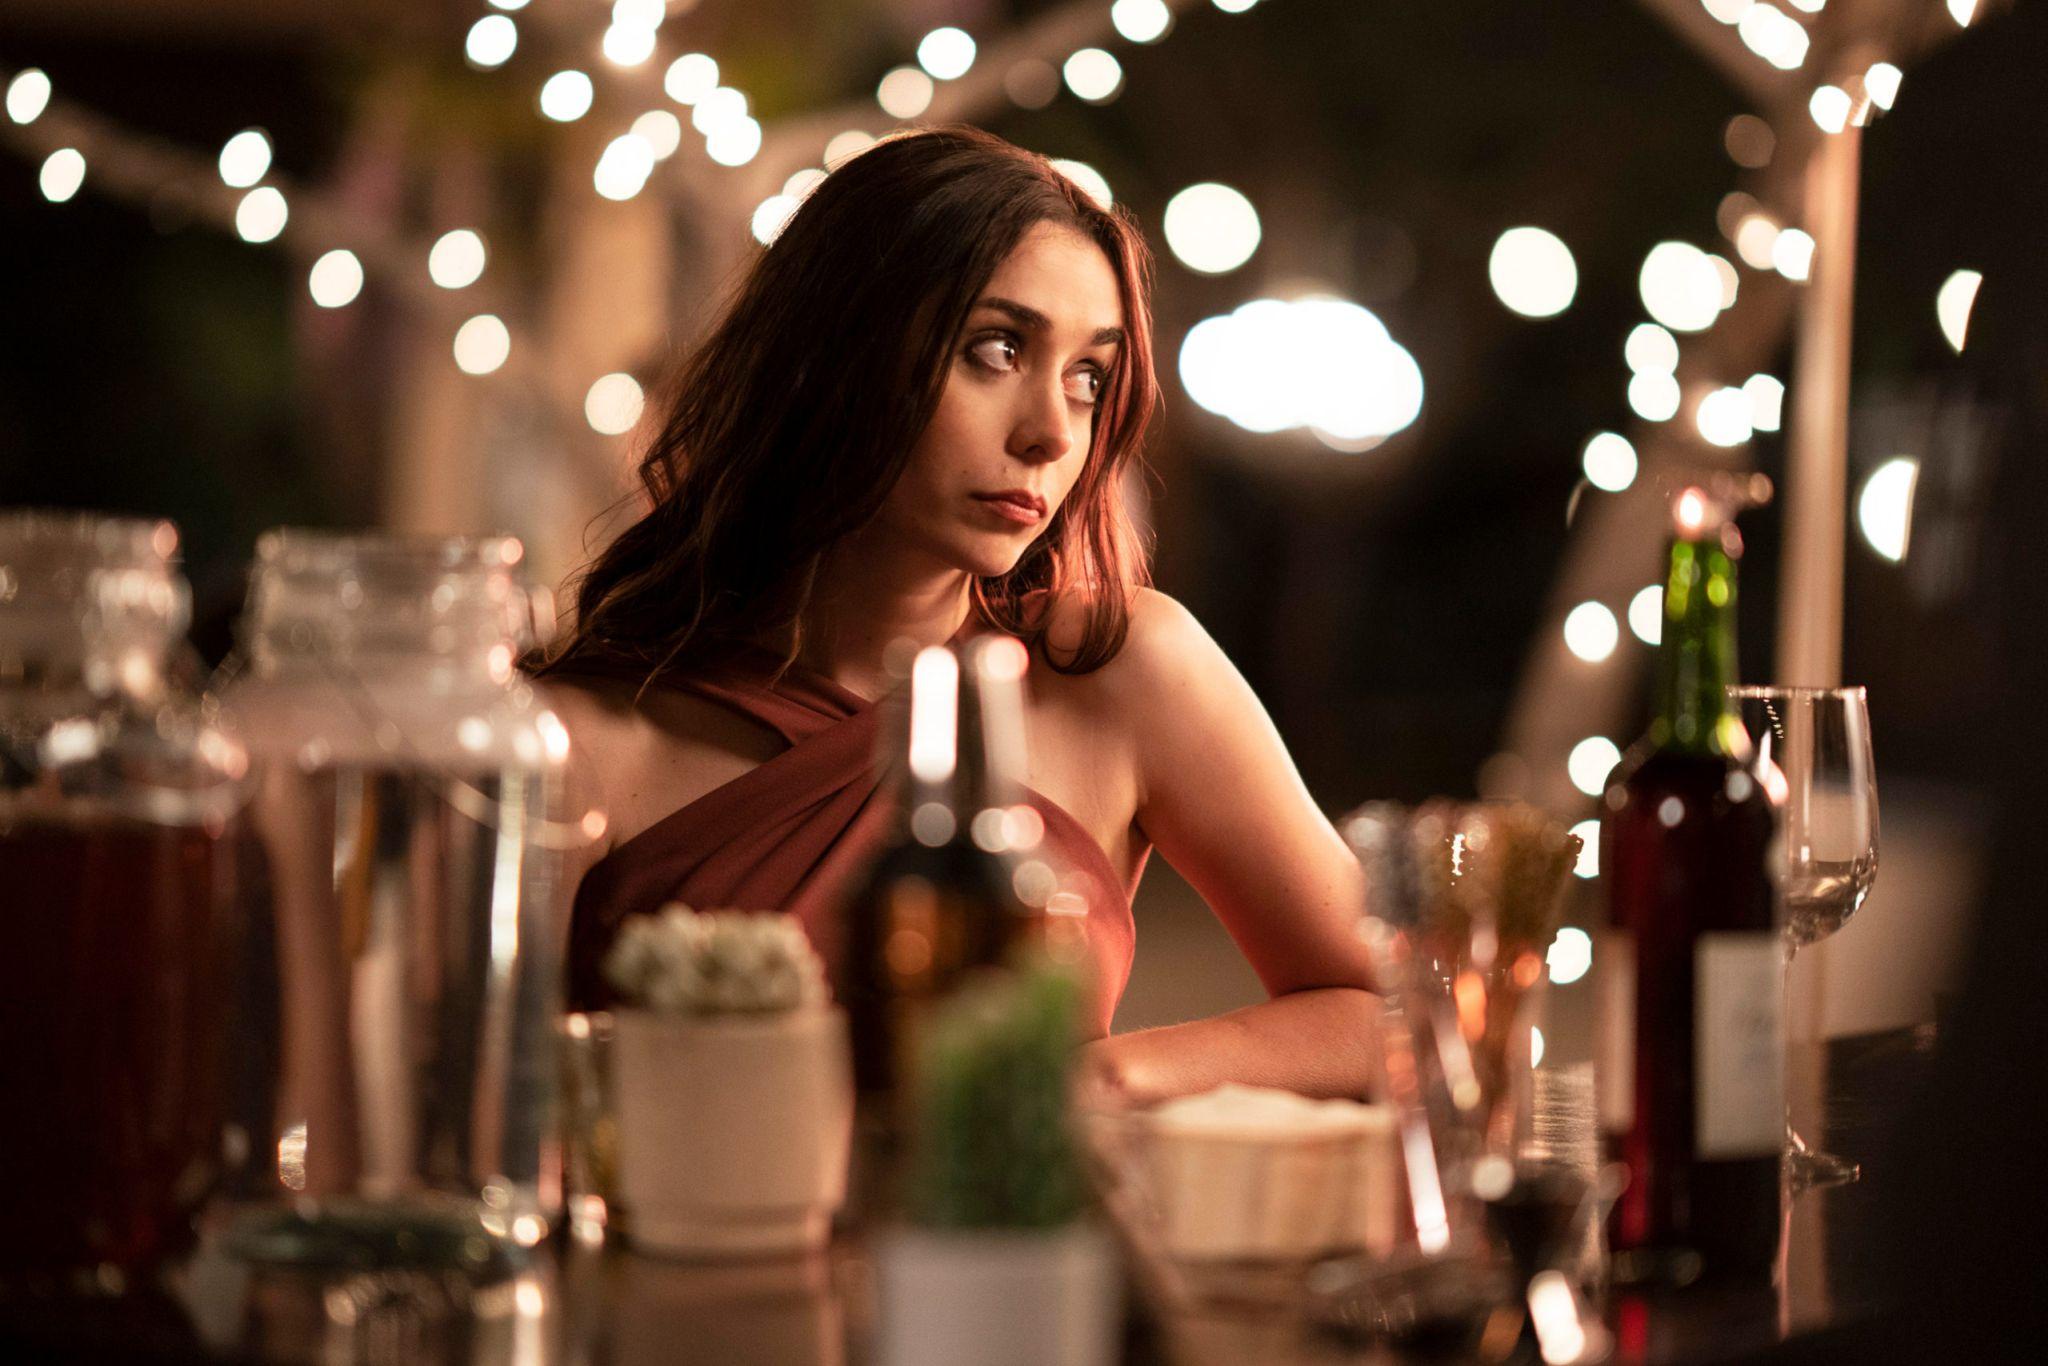 Palm Springs - Vivi come se non ci fosse un domani: una scena con Cristin Milioti